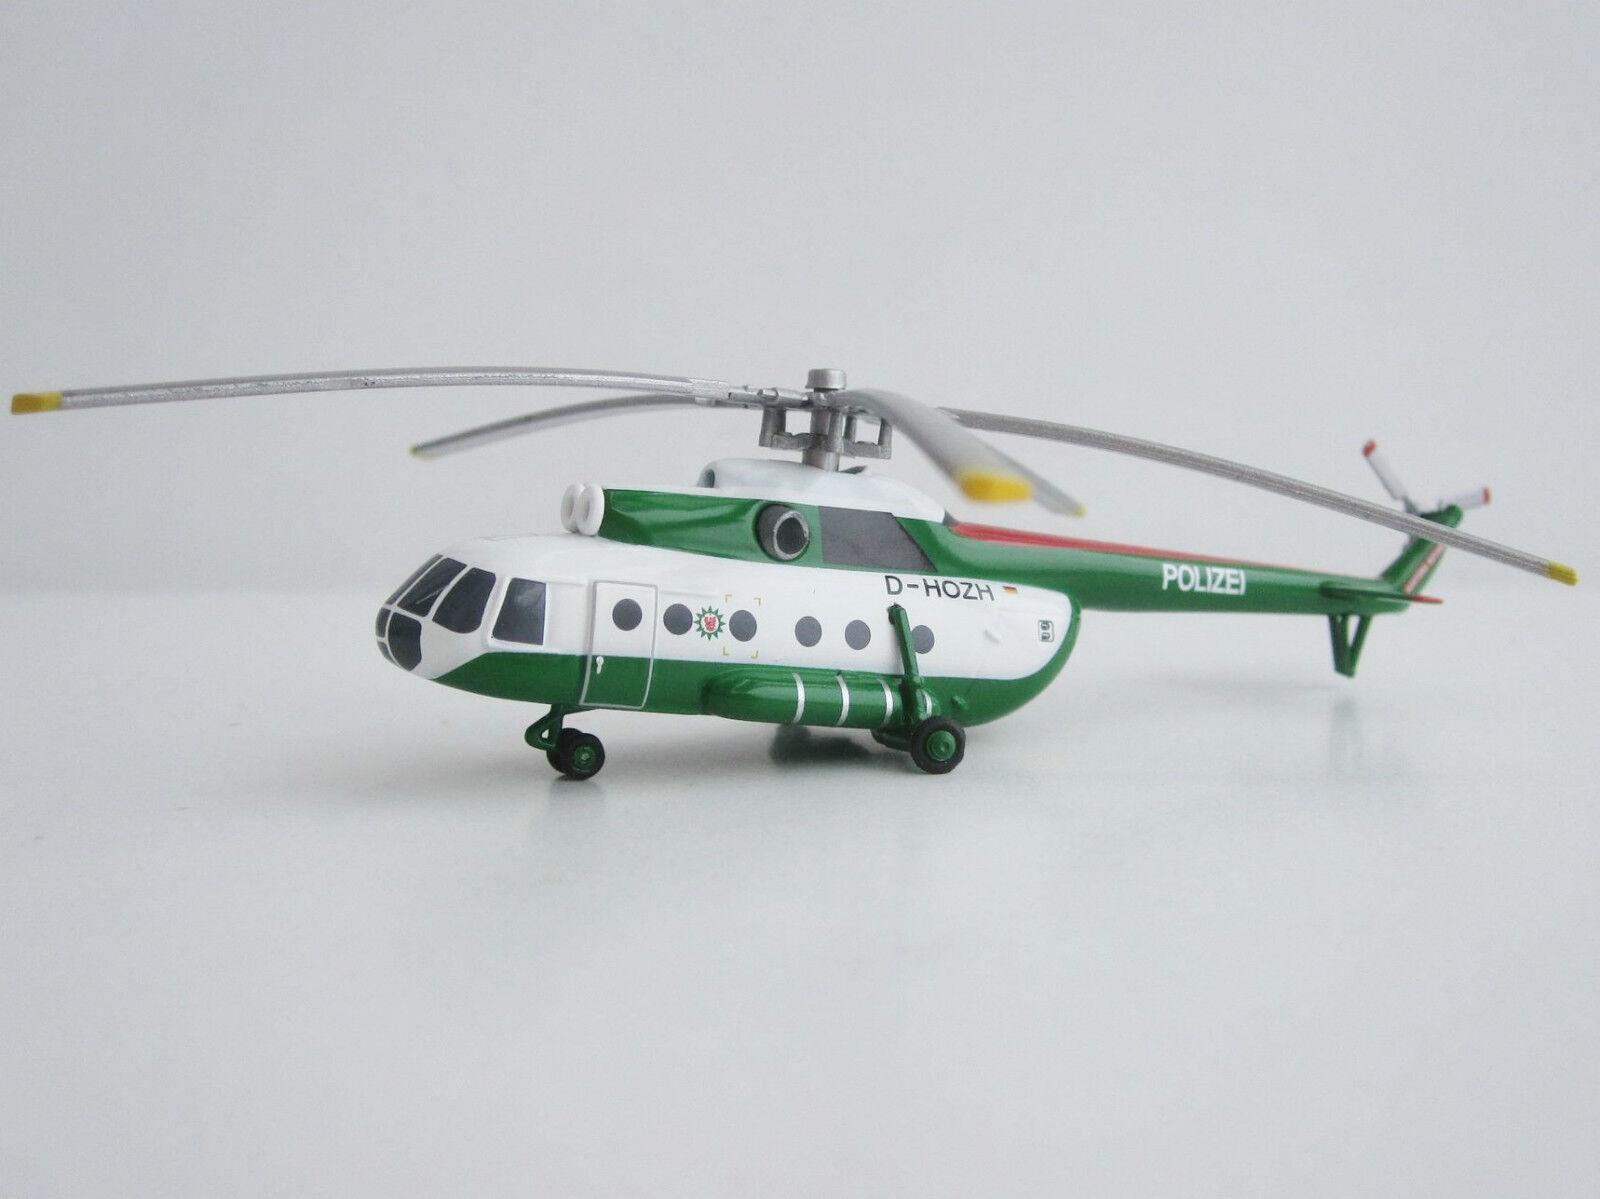 POLIZEI Brandenburg Mil Mi-8 Herpa 1 200 Mi-8T Hubschrauber Helicopter 554893